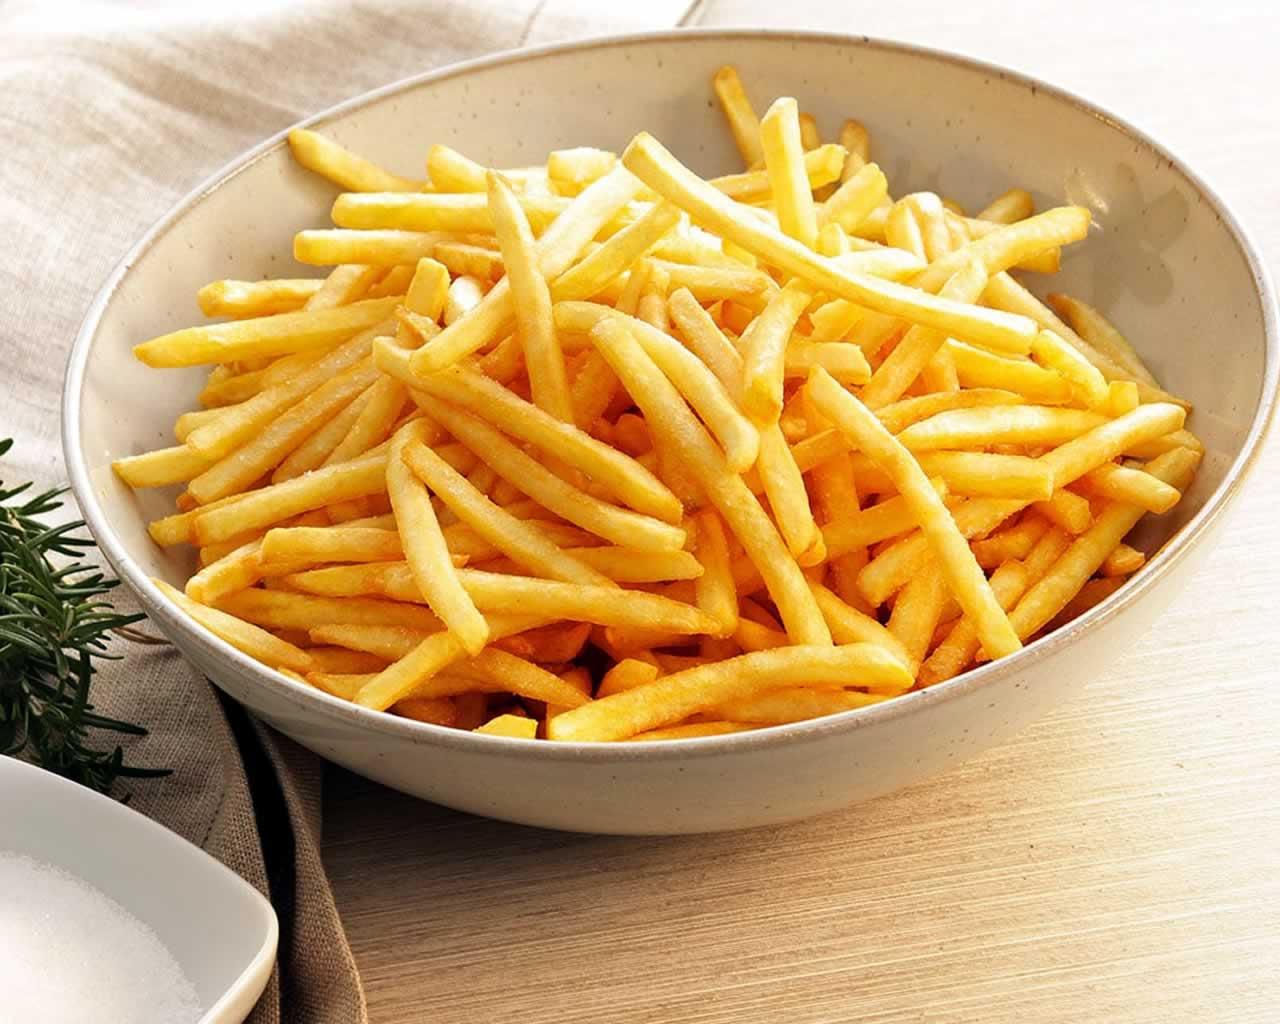 pos na tiganizete tis patates gia na min ine karkinogones